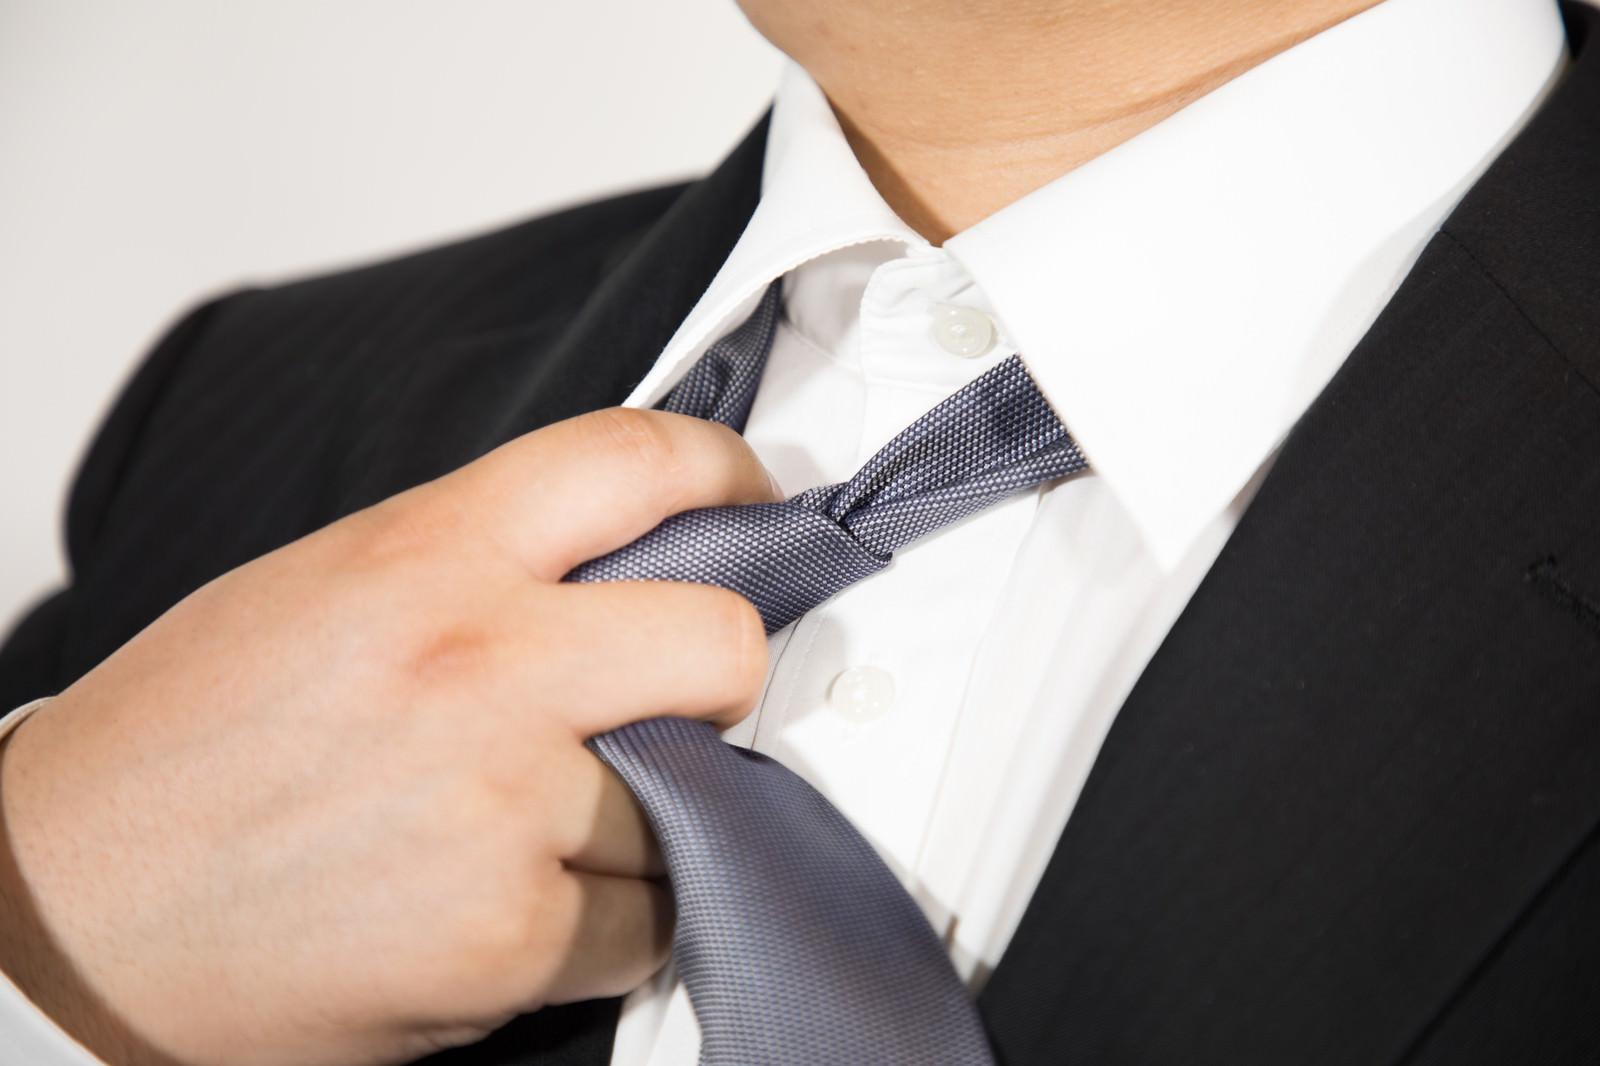 「仕事が終わってネクタイを緩める仕事が終わってネクタイを緩める」[モデル:段田隼人]のフリー写真素材を拡大